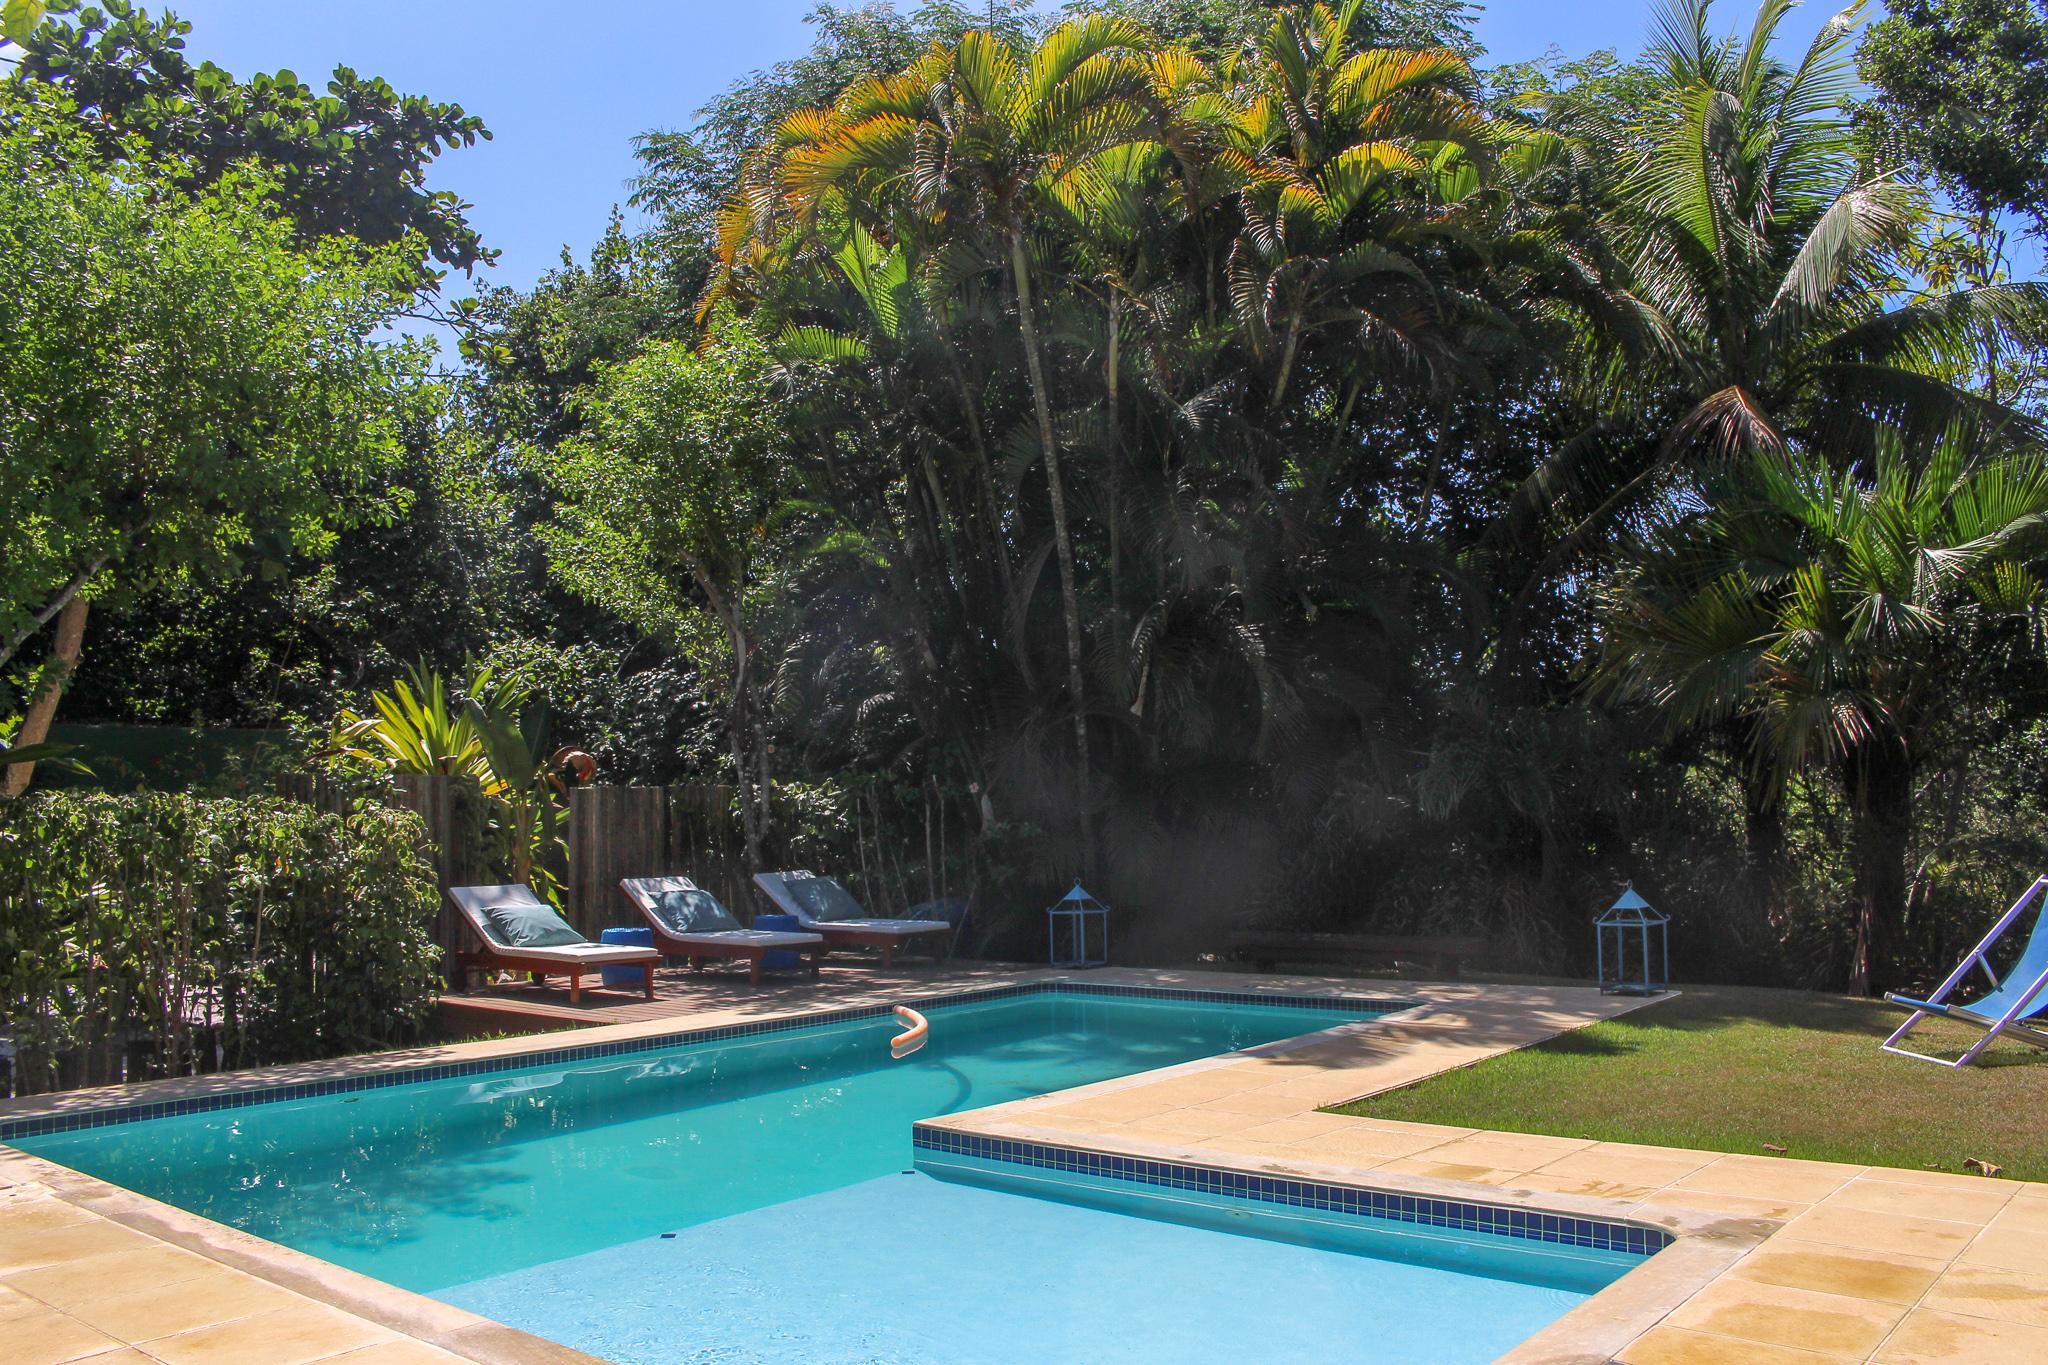 piscina_completa_mata_nativa_pousada_trancoso